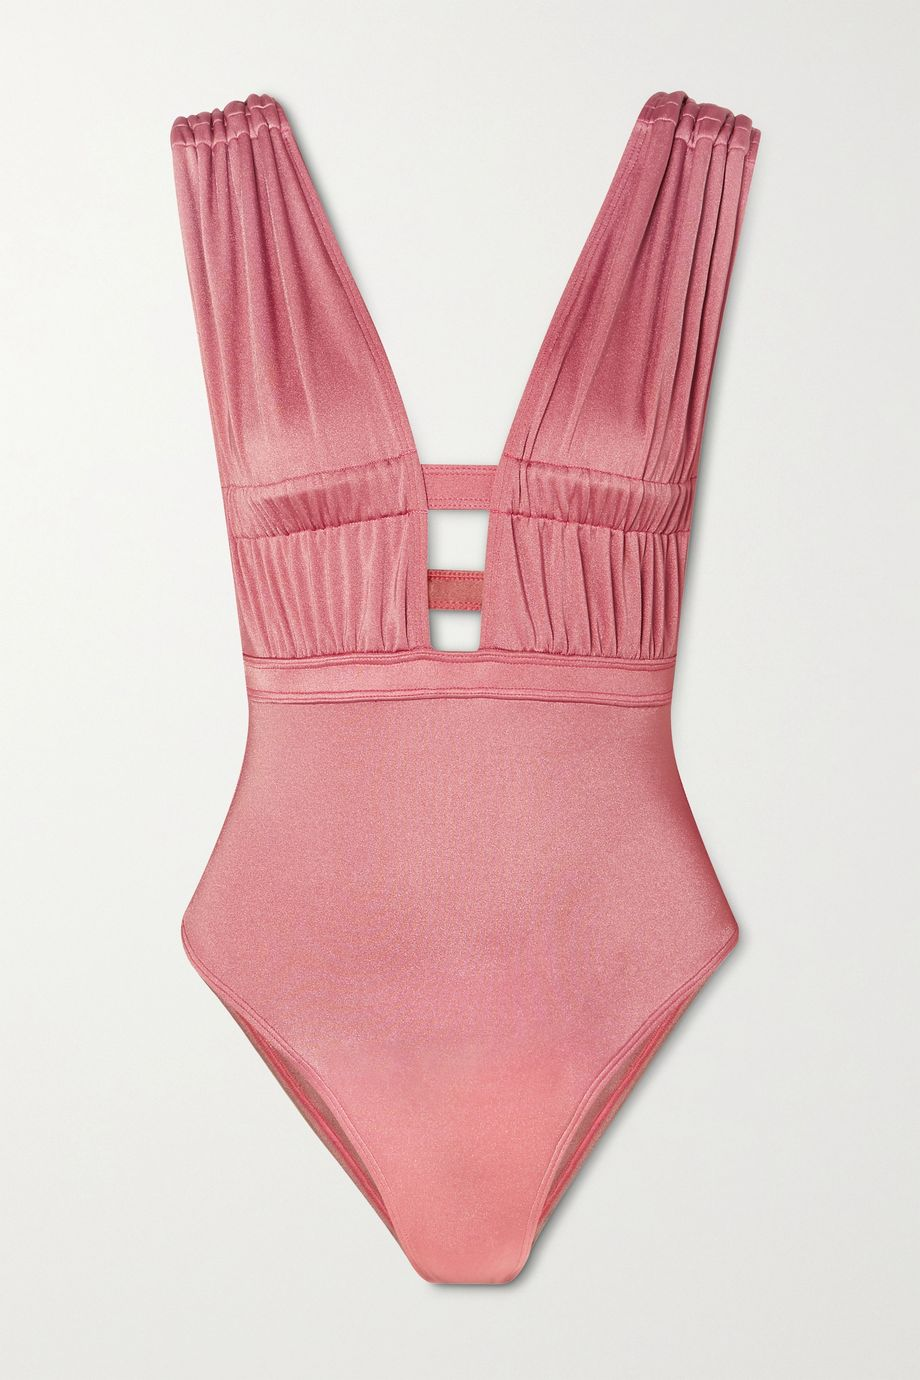 OYE Swimwear Athena ruched cutout swimsuit